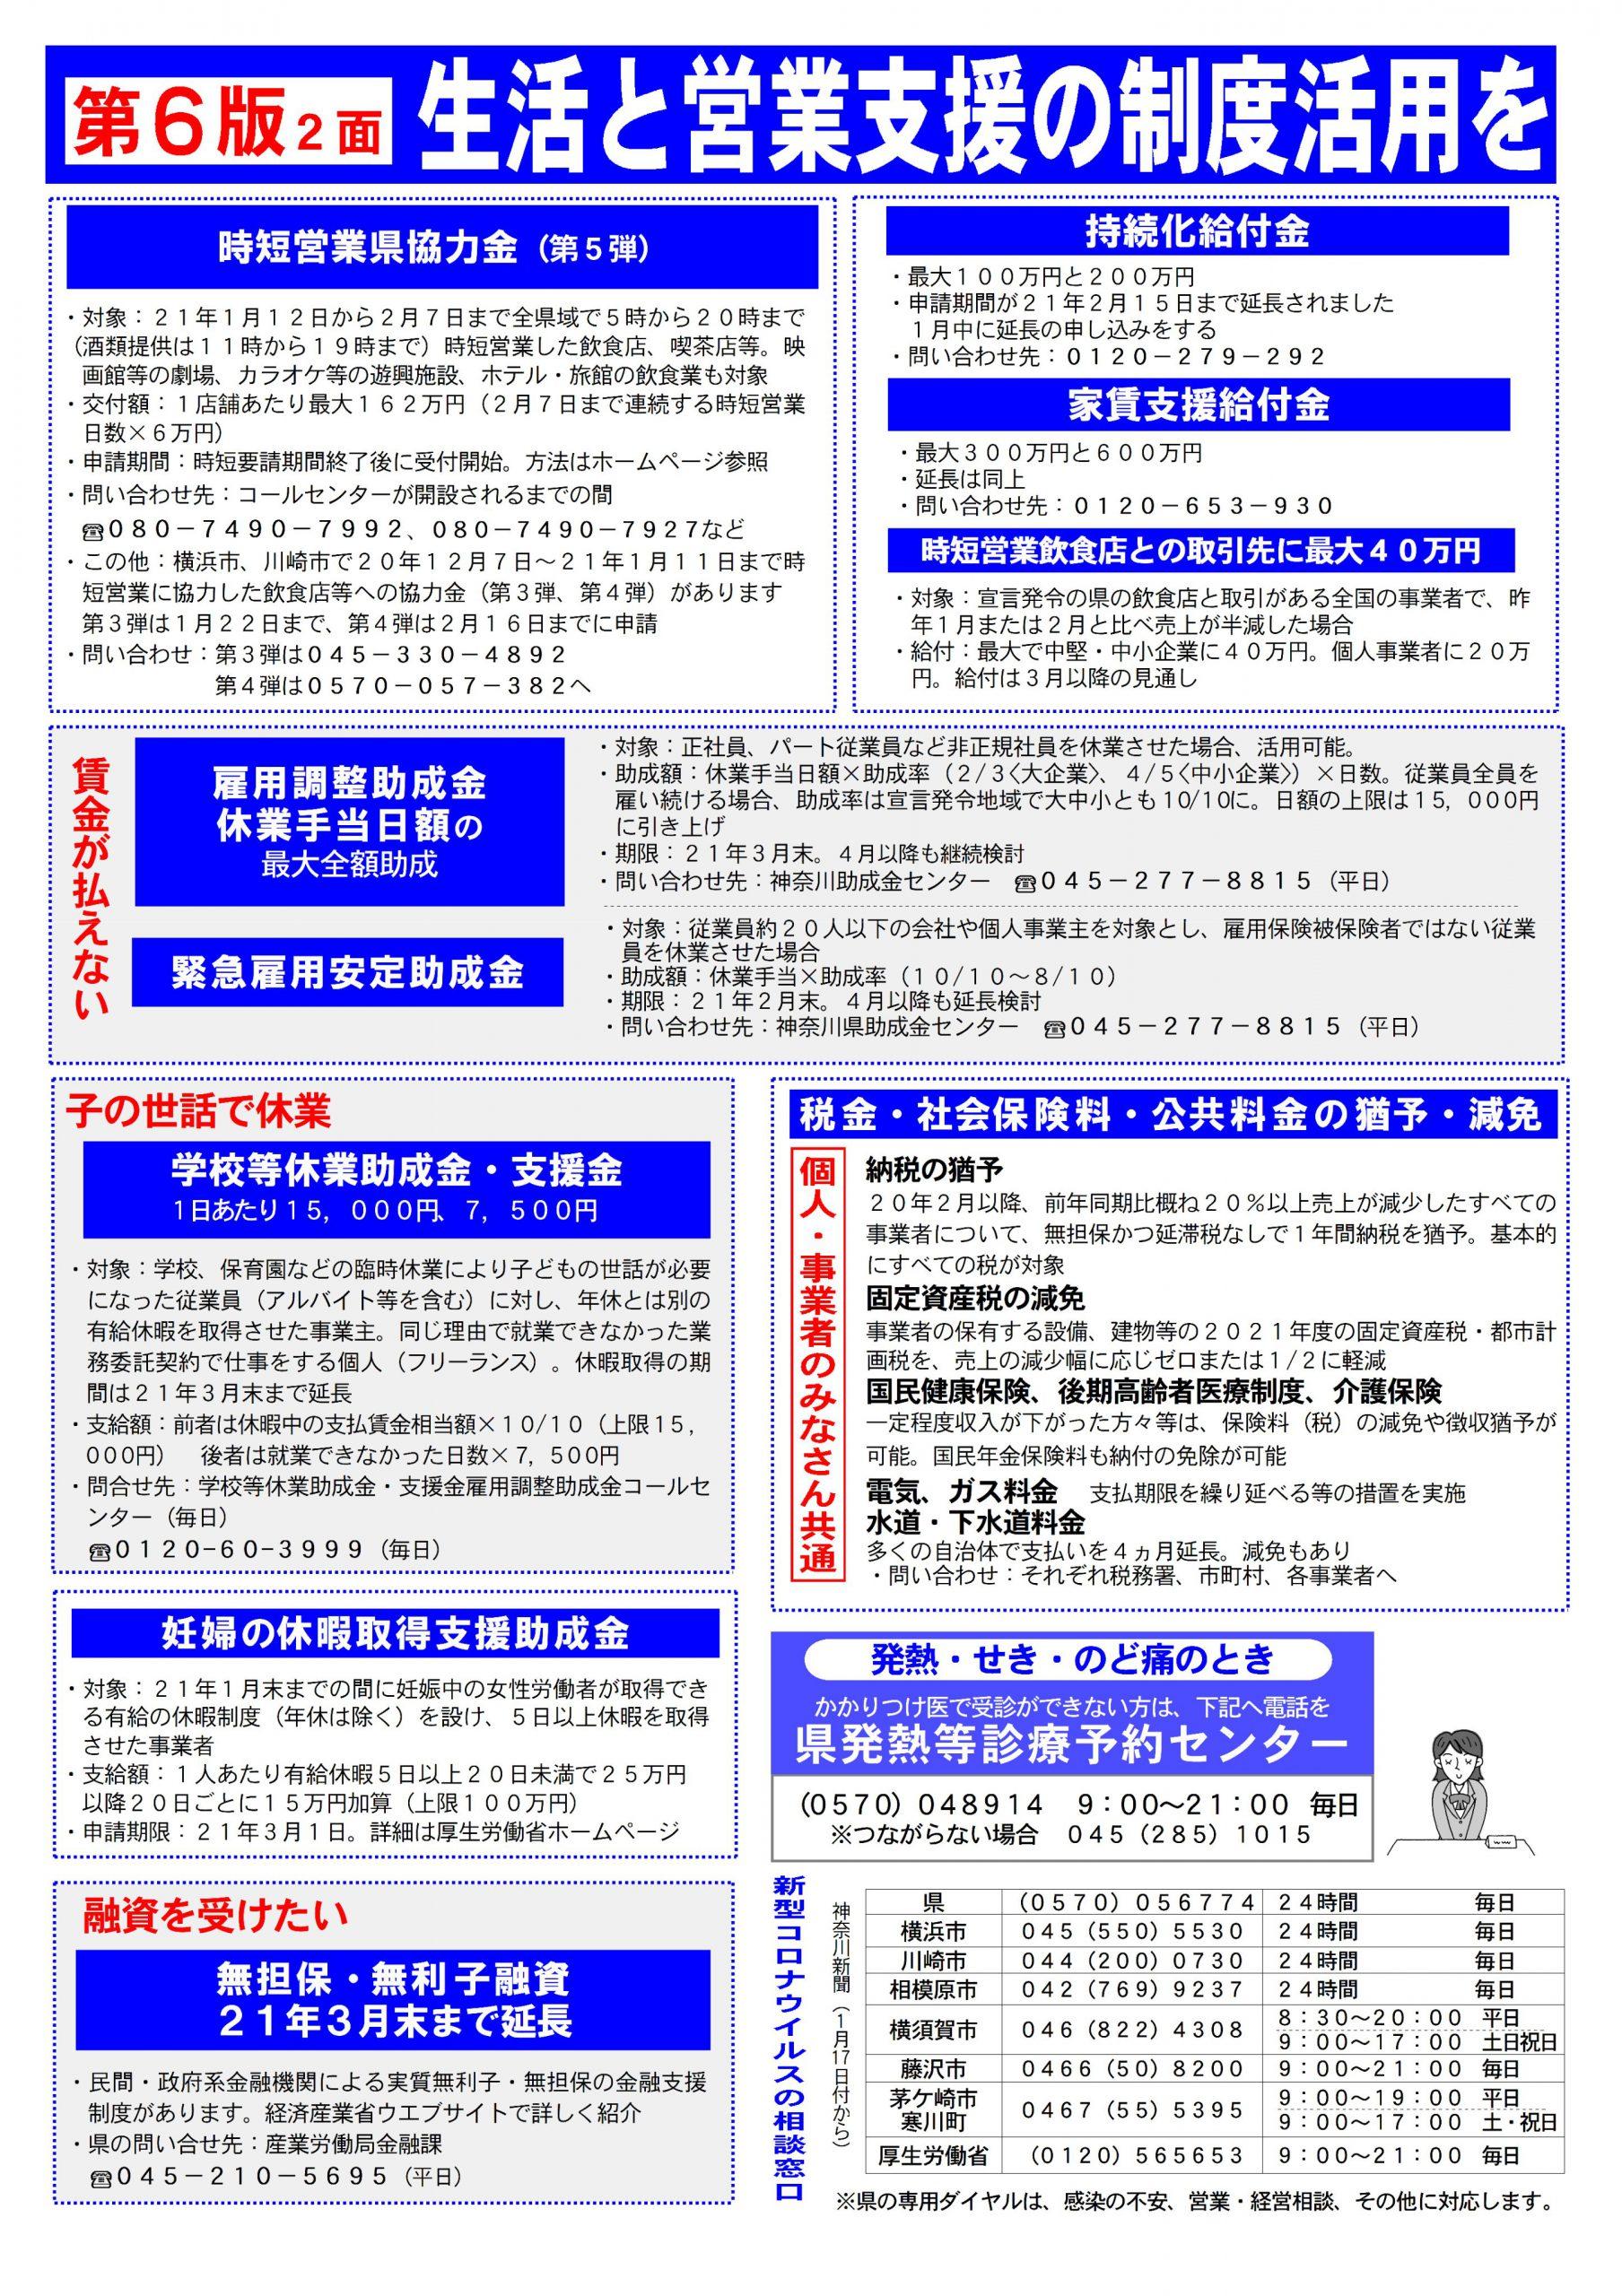 生活支援・相談窓口一覧(2).jpg